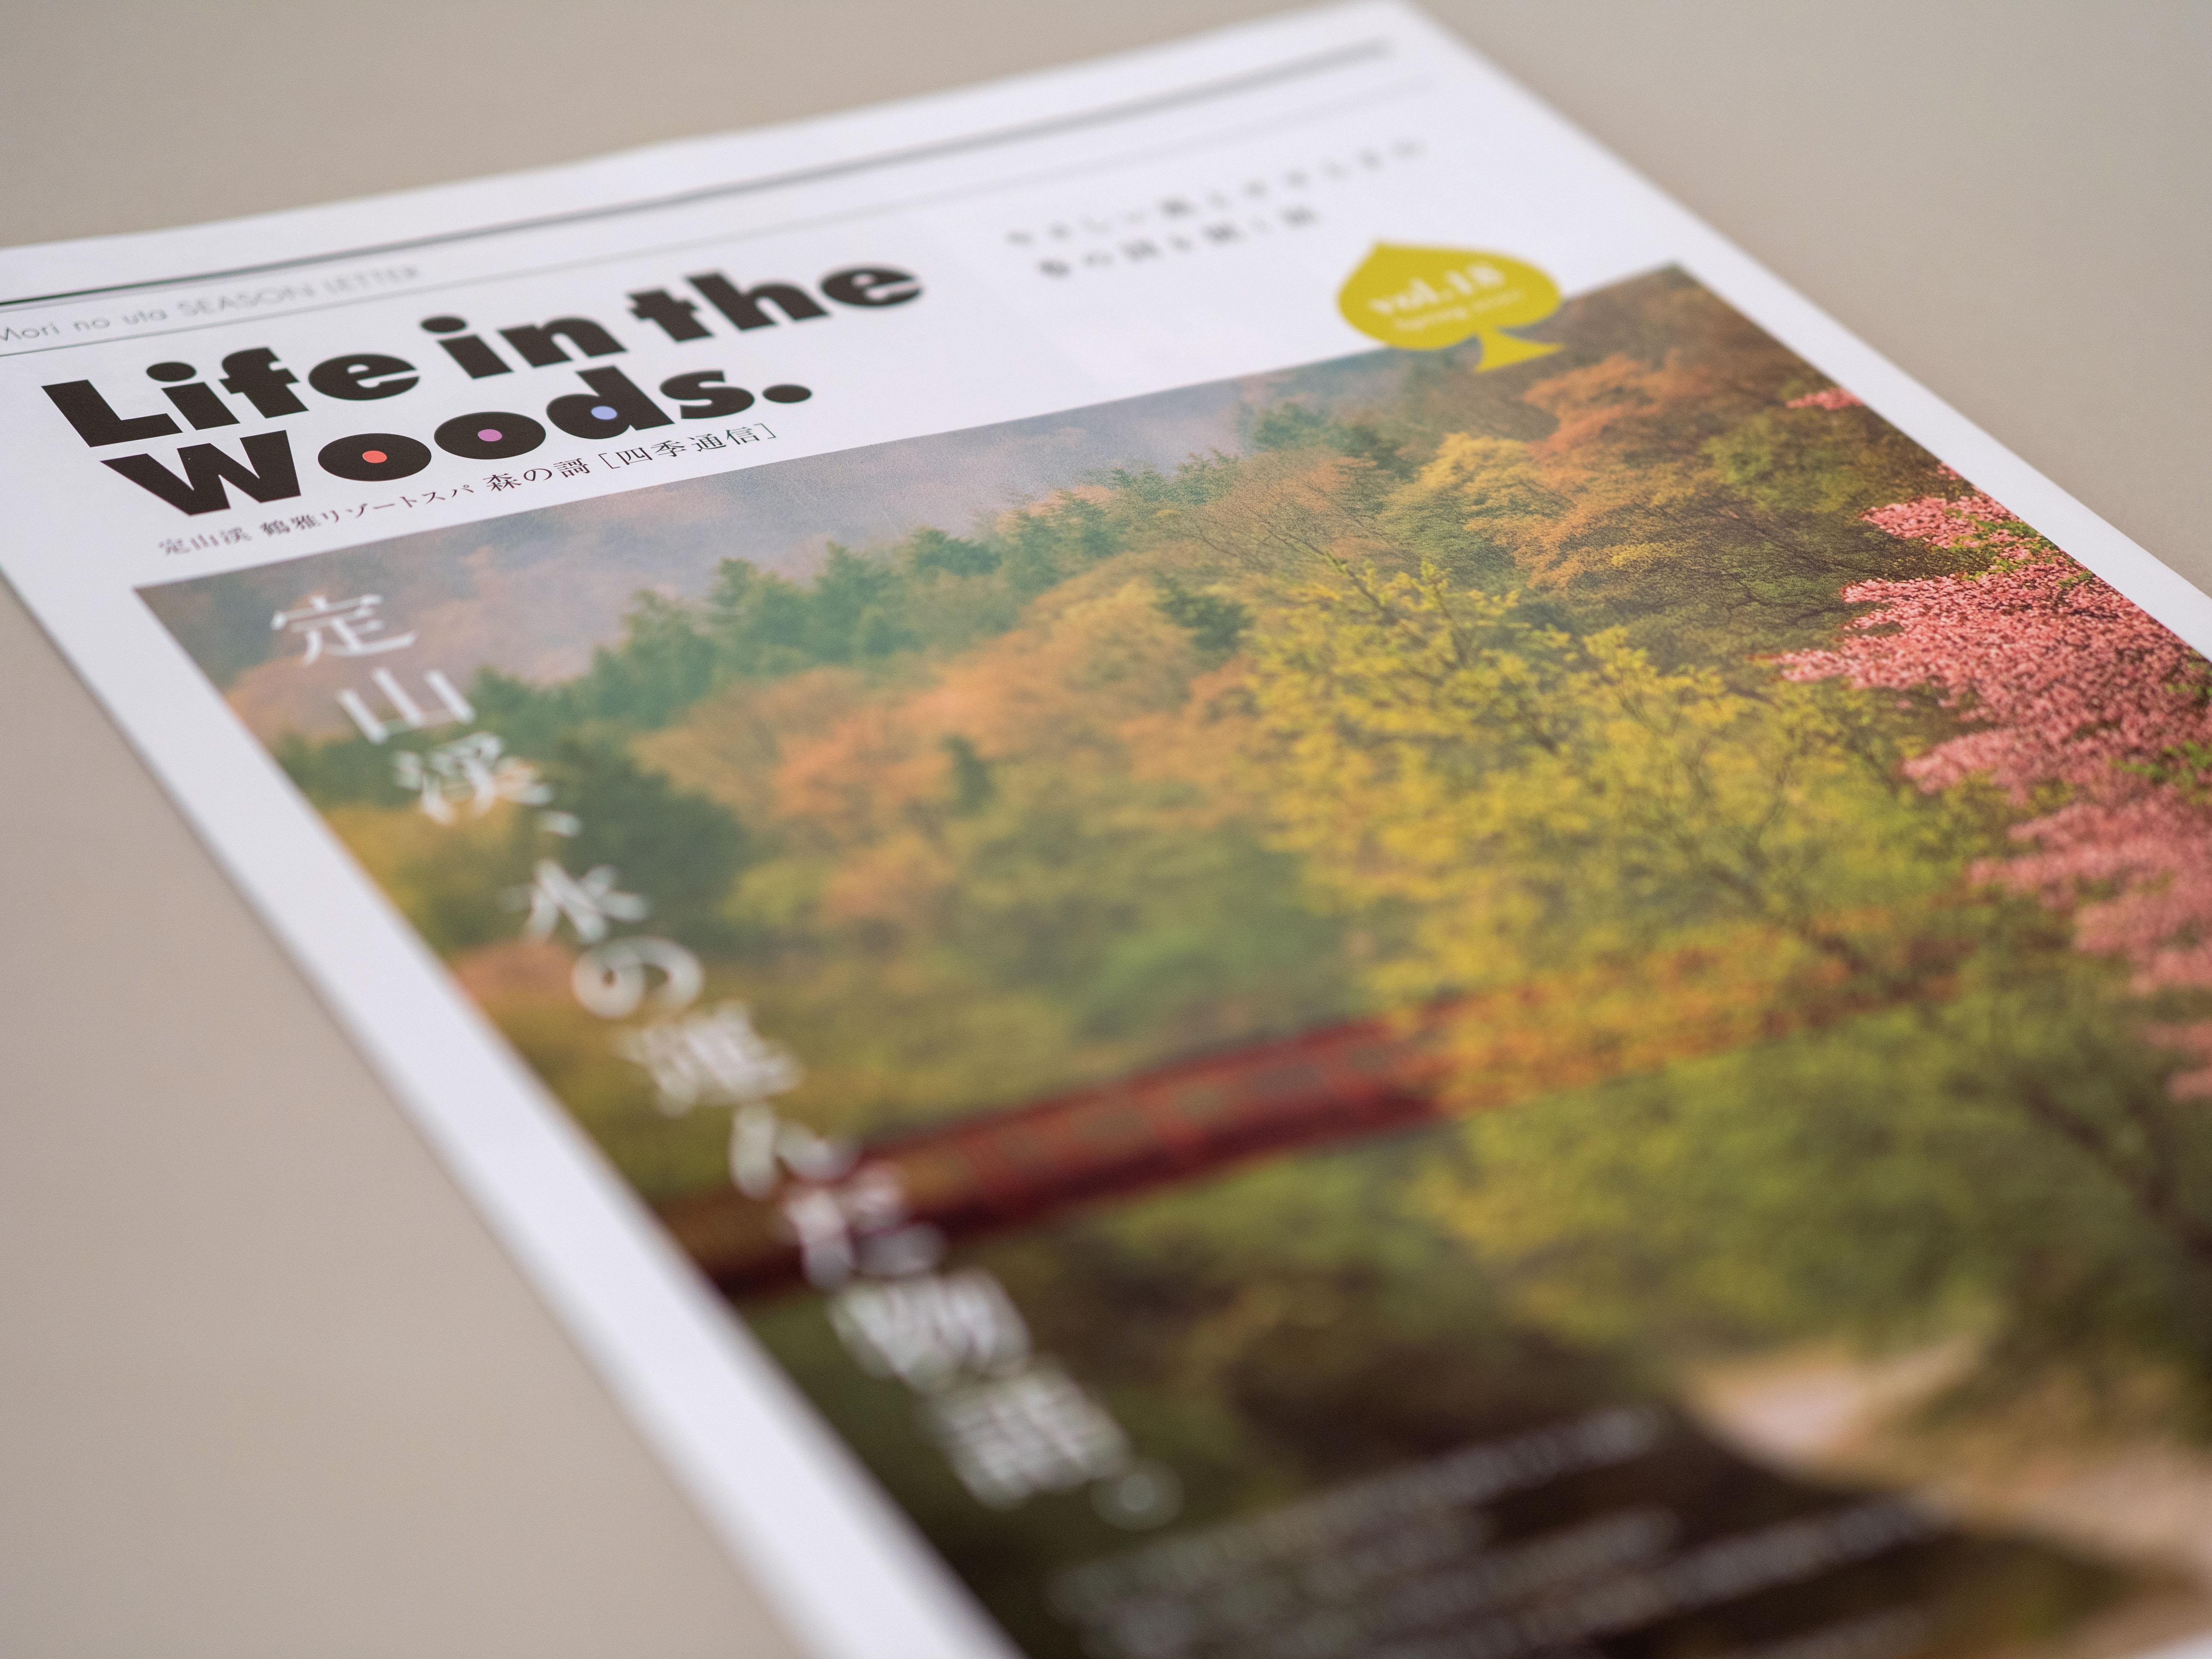 <span>Magazine</span><br>鶴雅グループ<br>定山渓 鶴雅リゾートスパ 森の謌 季刊誌 森の謌PRESS